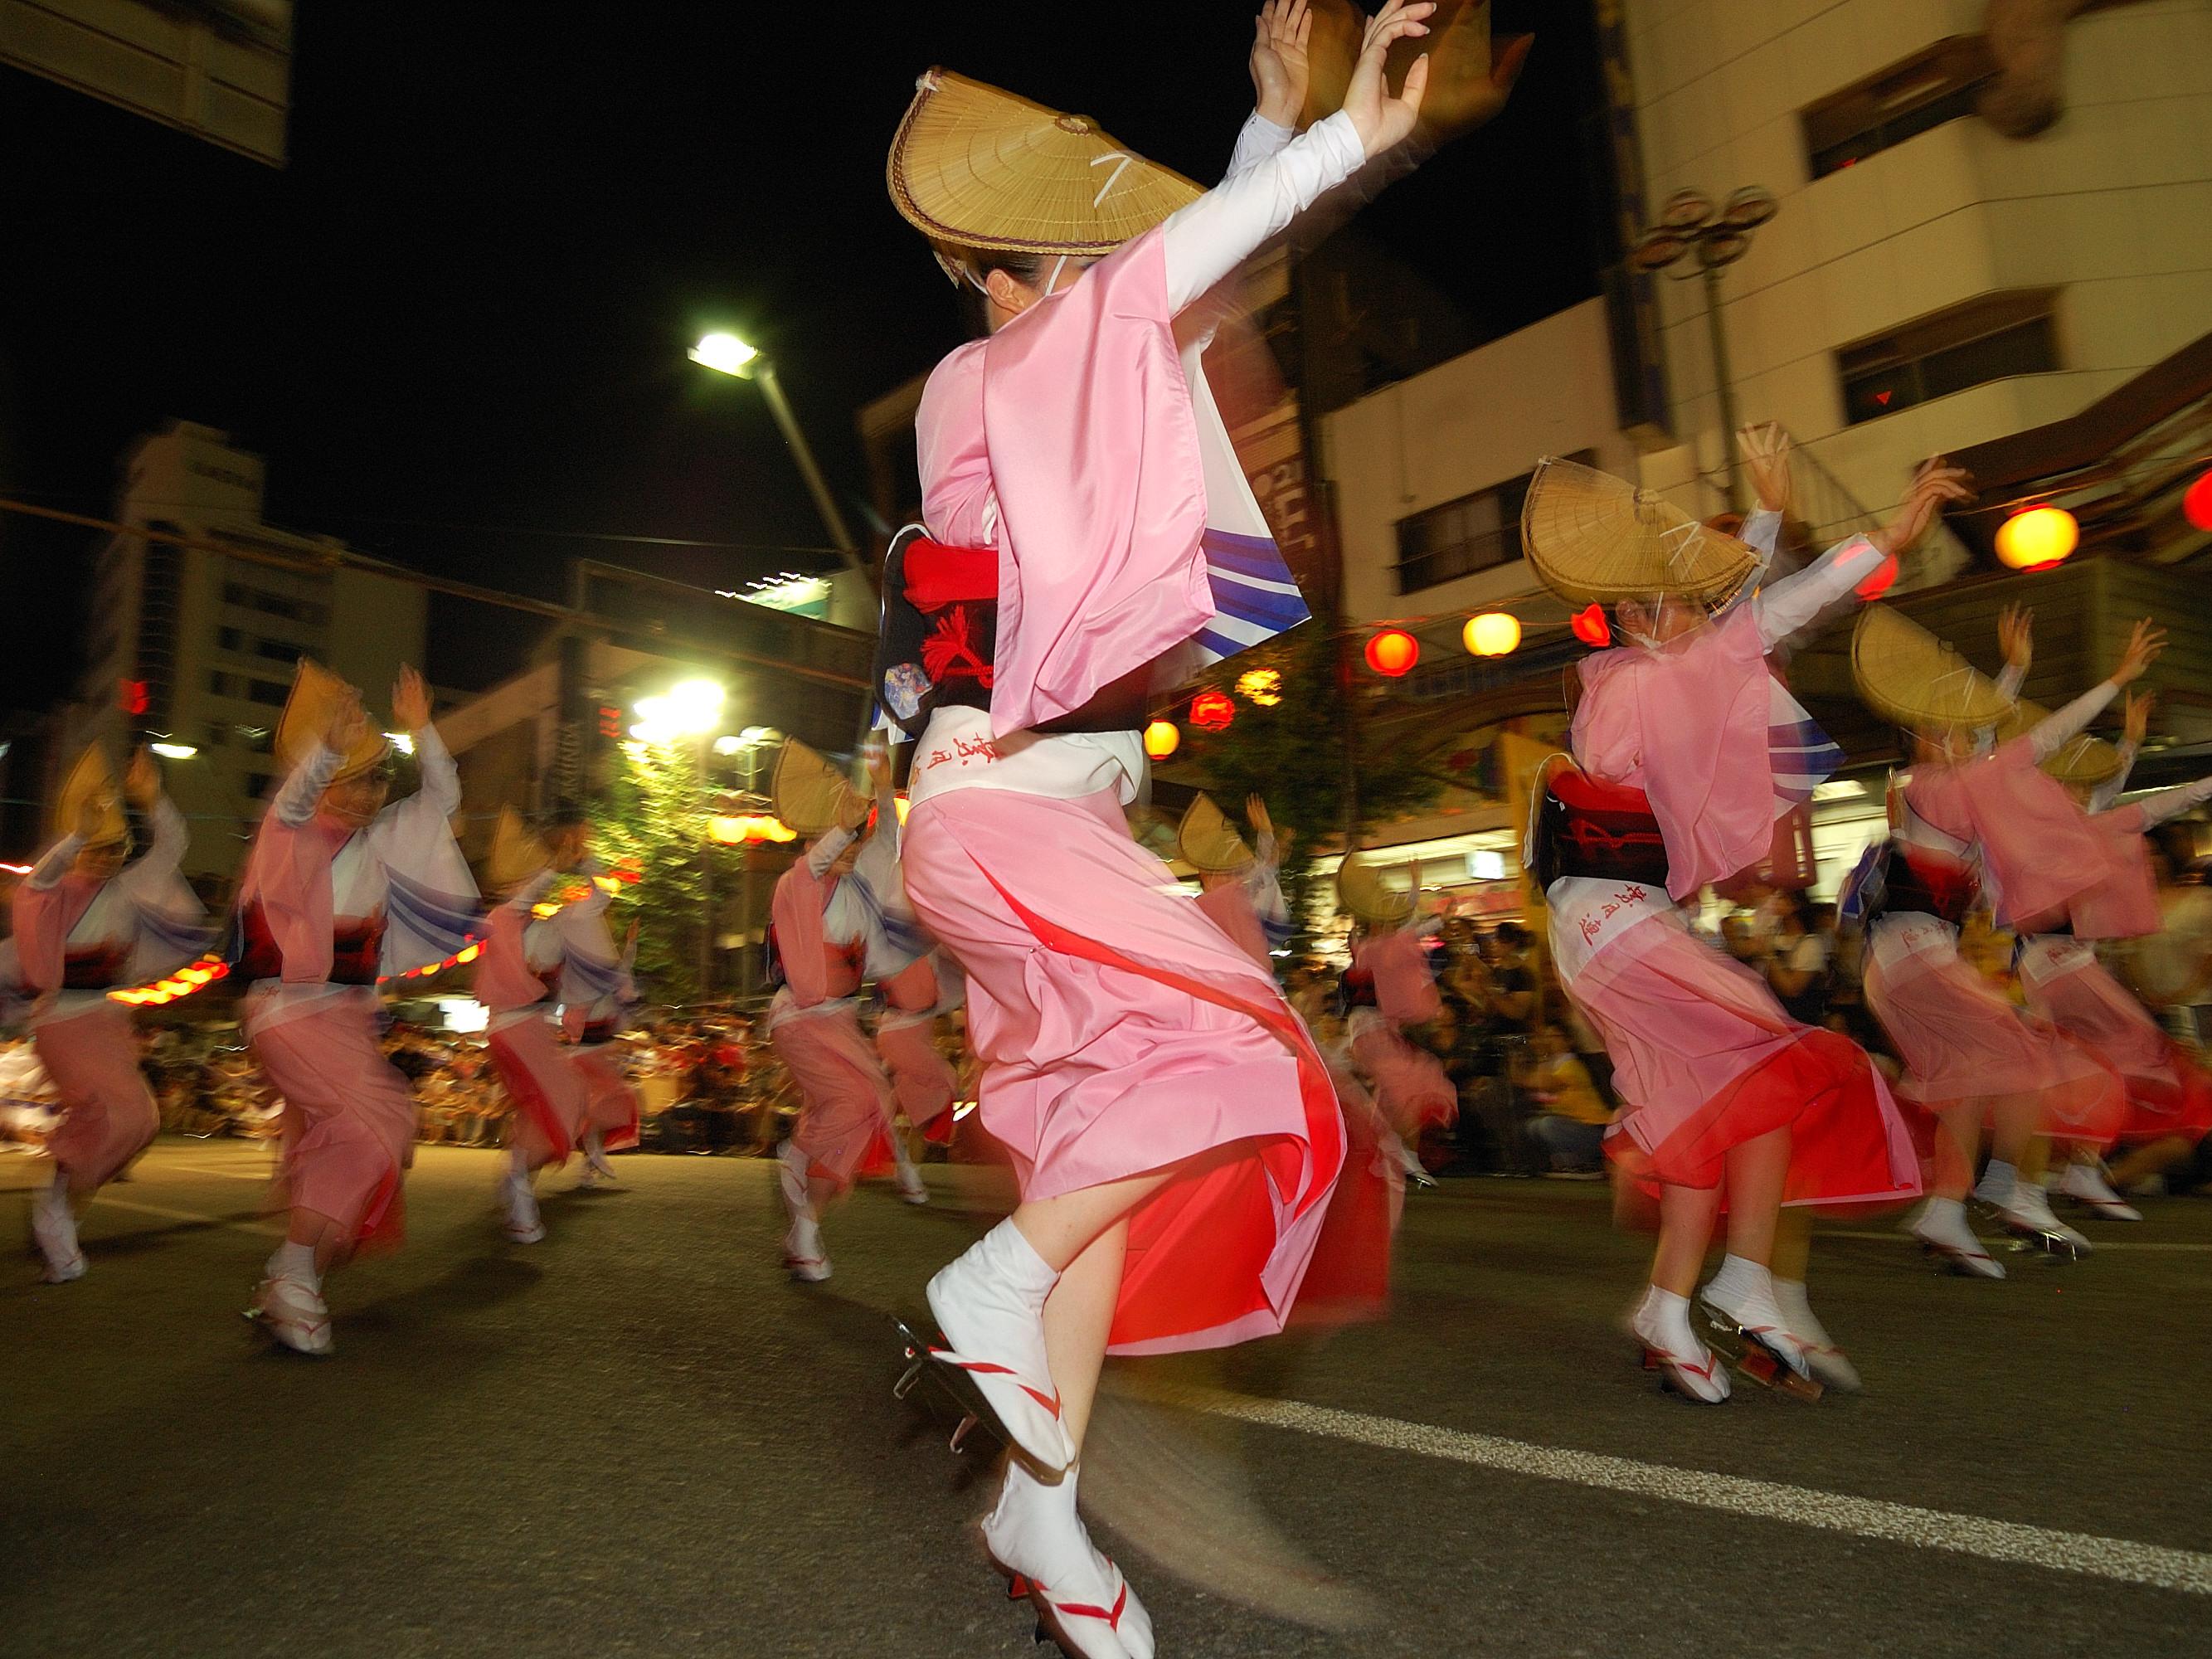 阿波踊り - Wikipedia